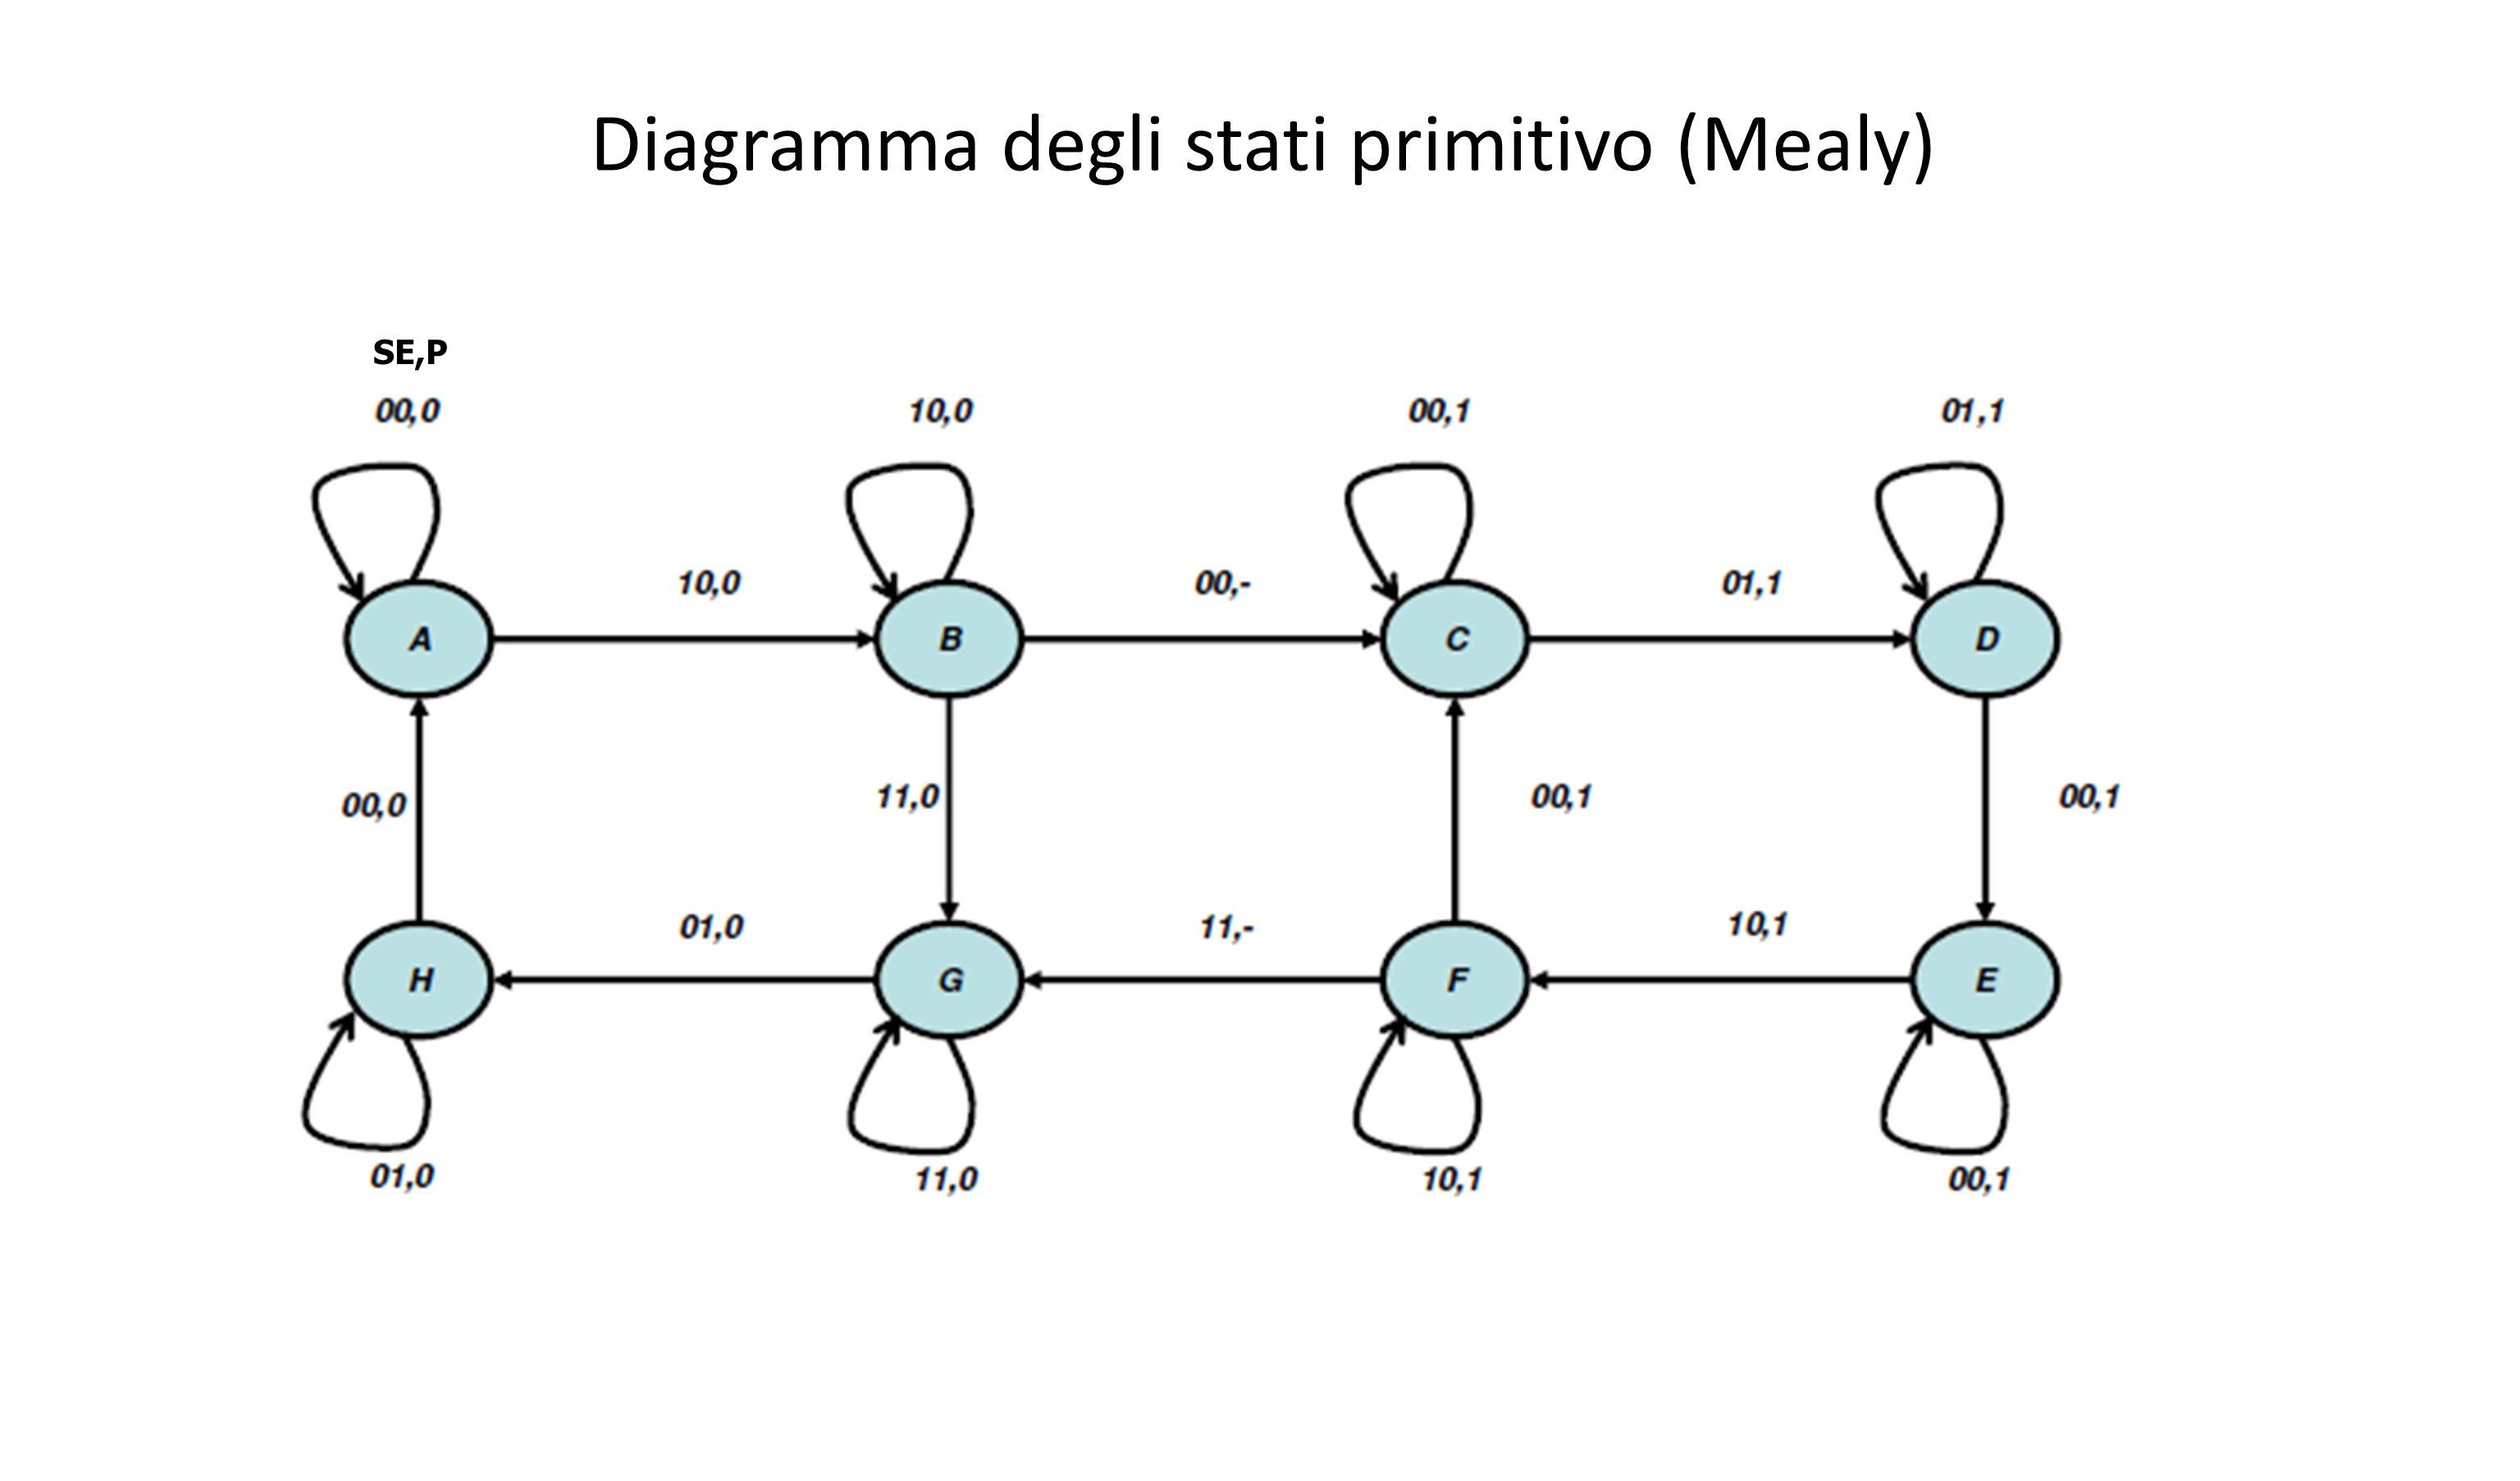 Diagramma degli stati primitivo (Mealy)